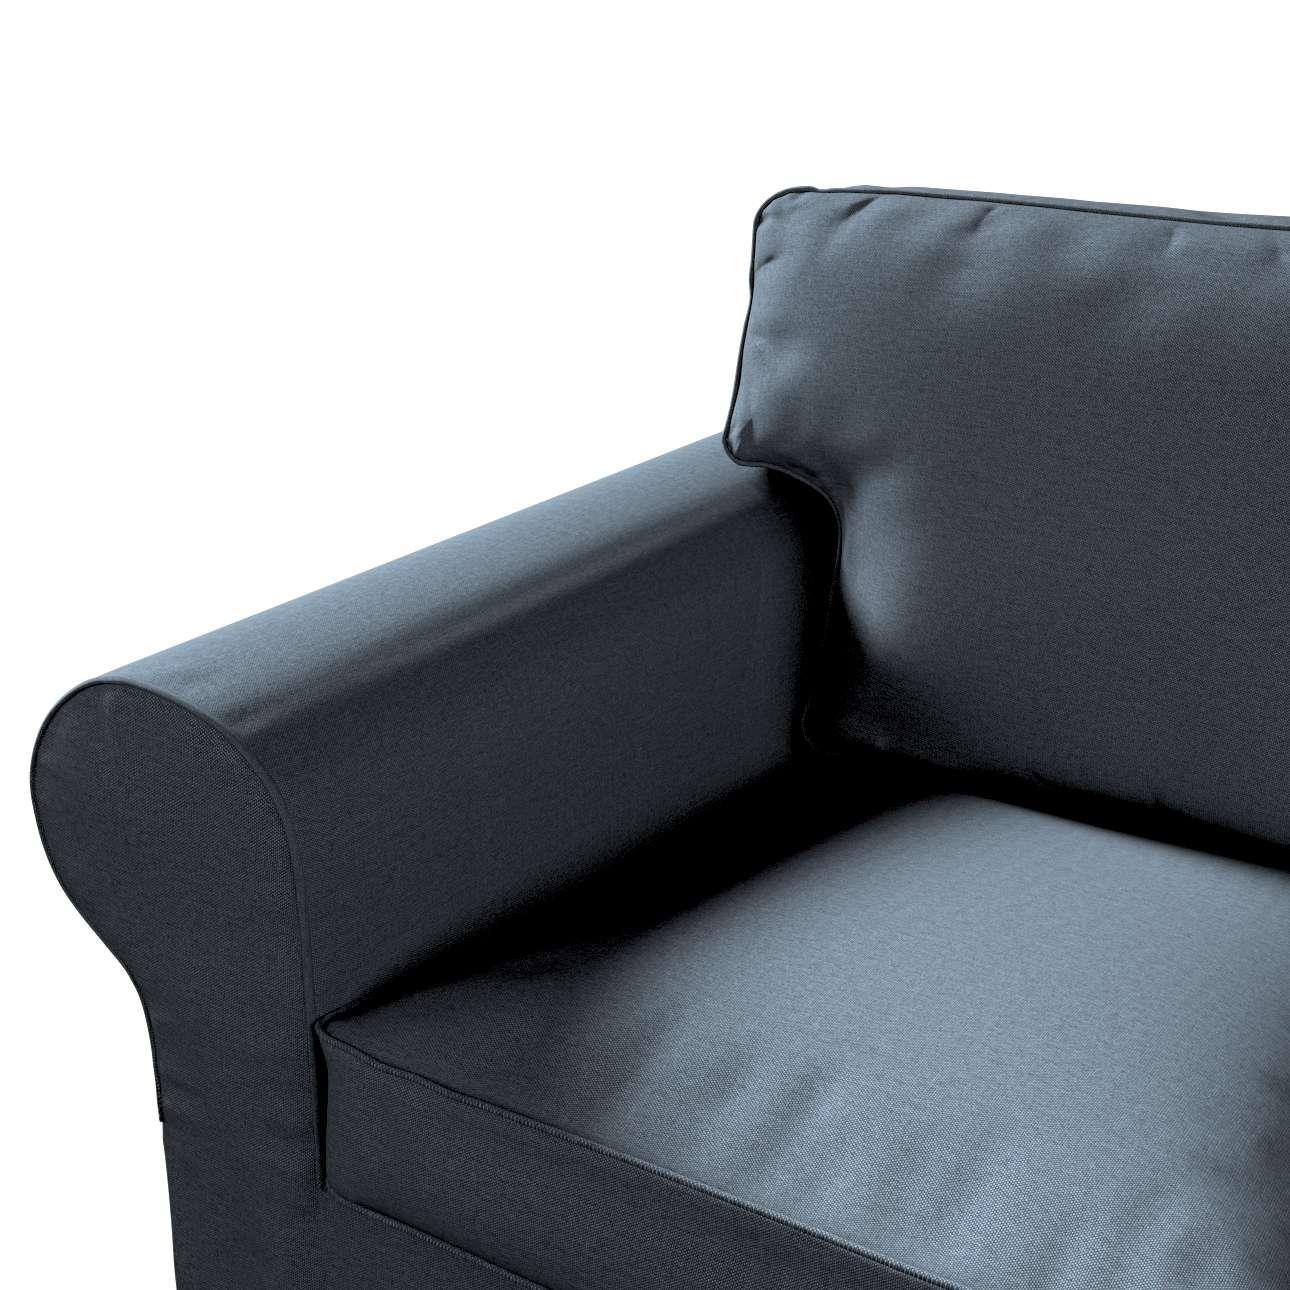 Pokrowiec na sofę Ektorp 2-osobową, rozkładaną, model do 2012 w kolekcji Etna, tkanina: 705-30